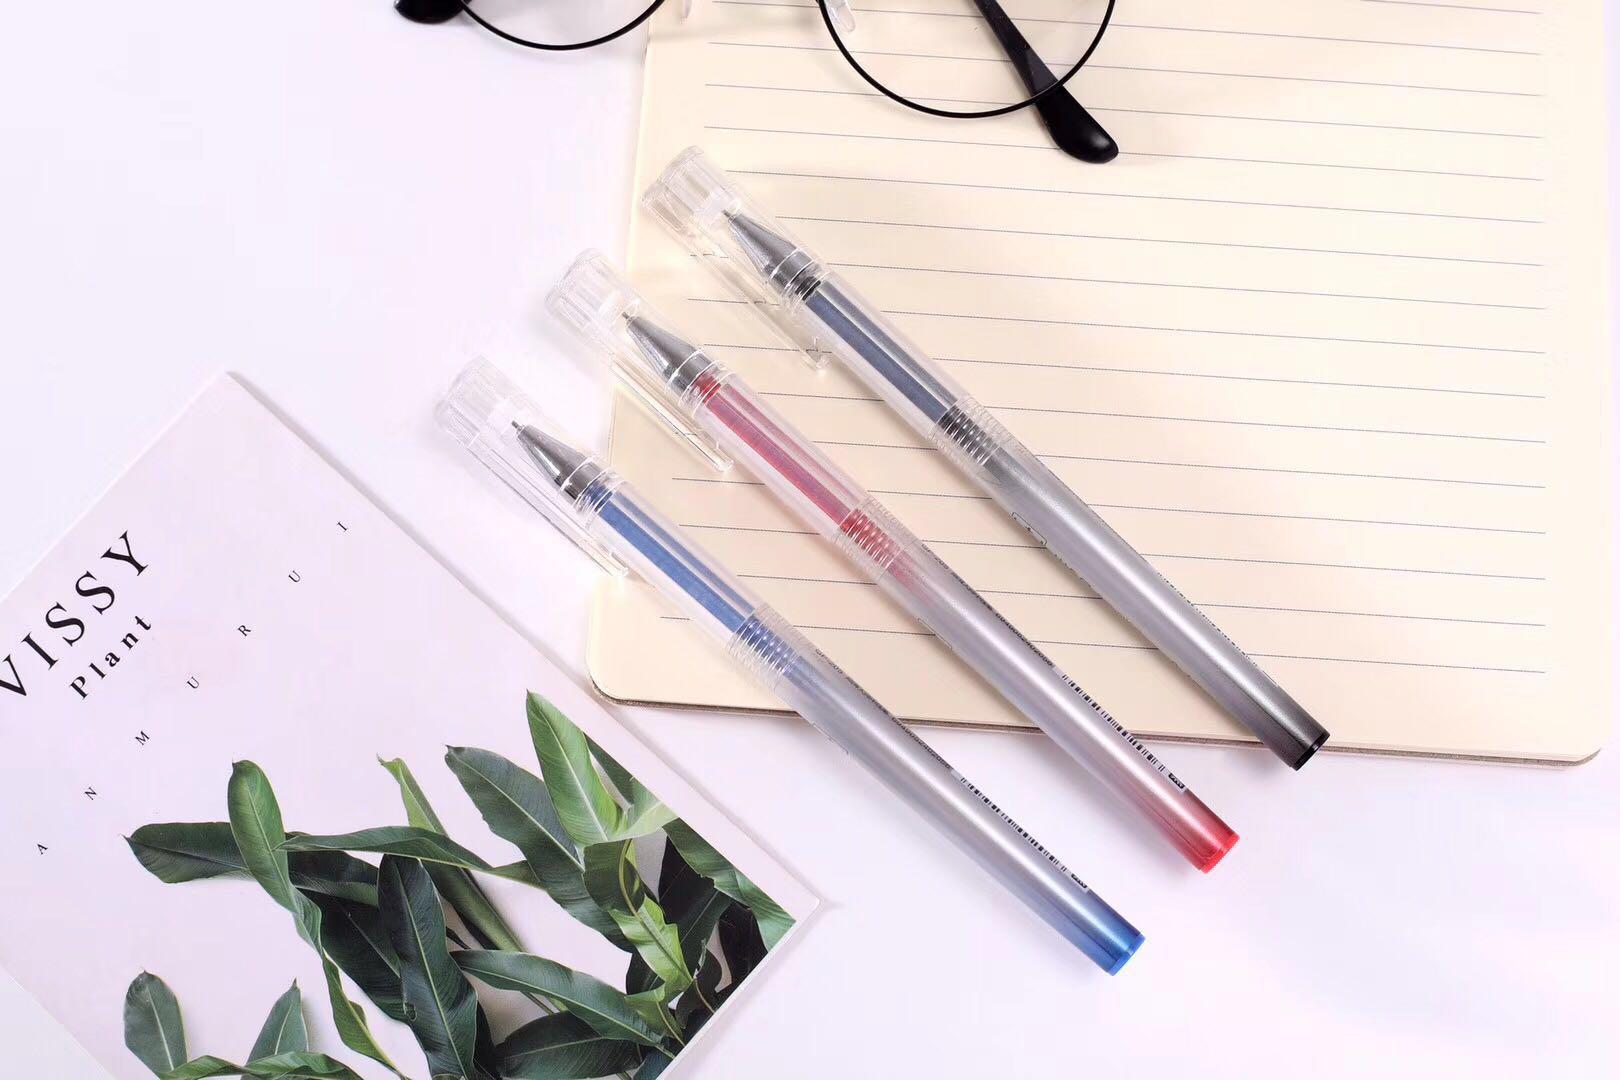 万帮W&B丨中性笔的全针管,子弹头,葫芦头有何区别?